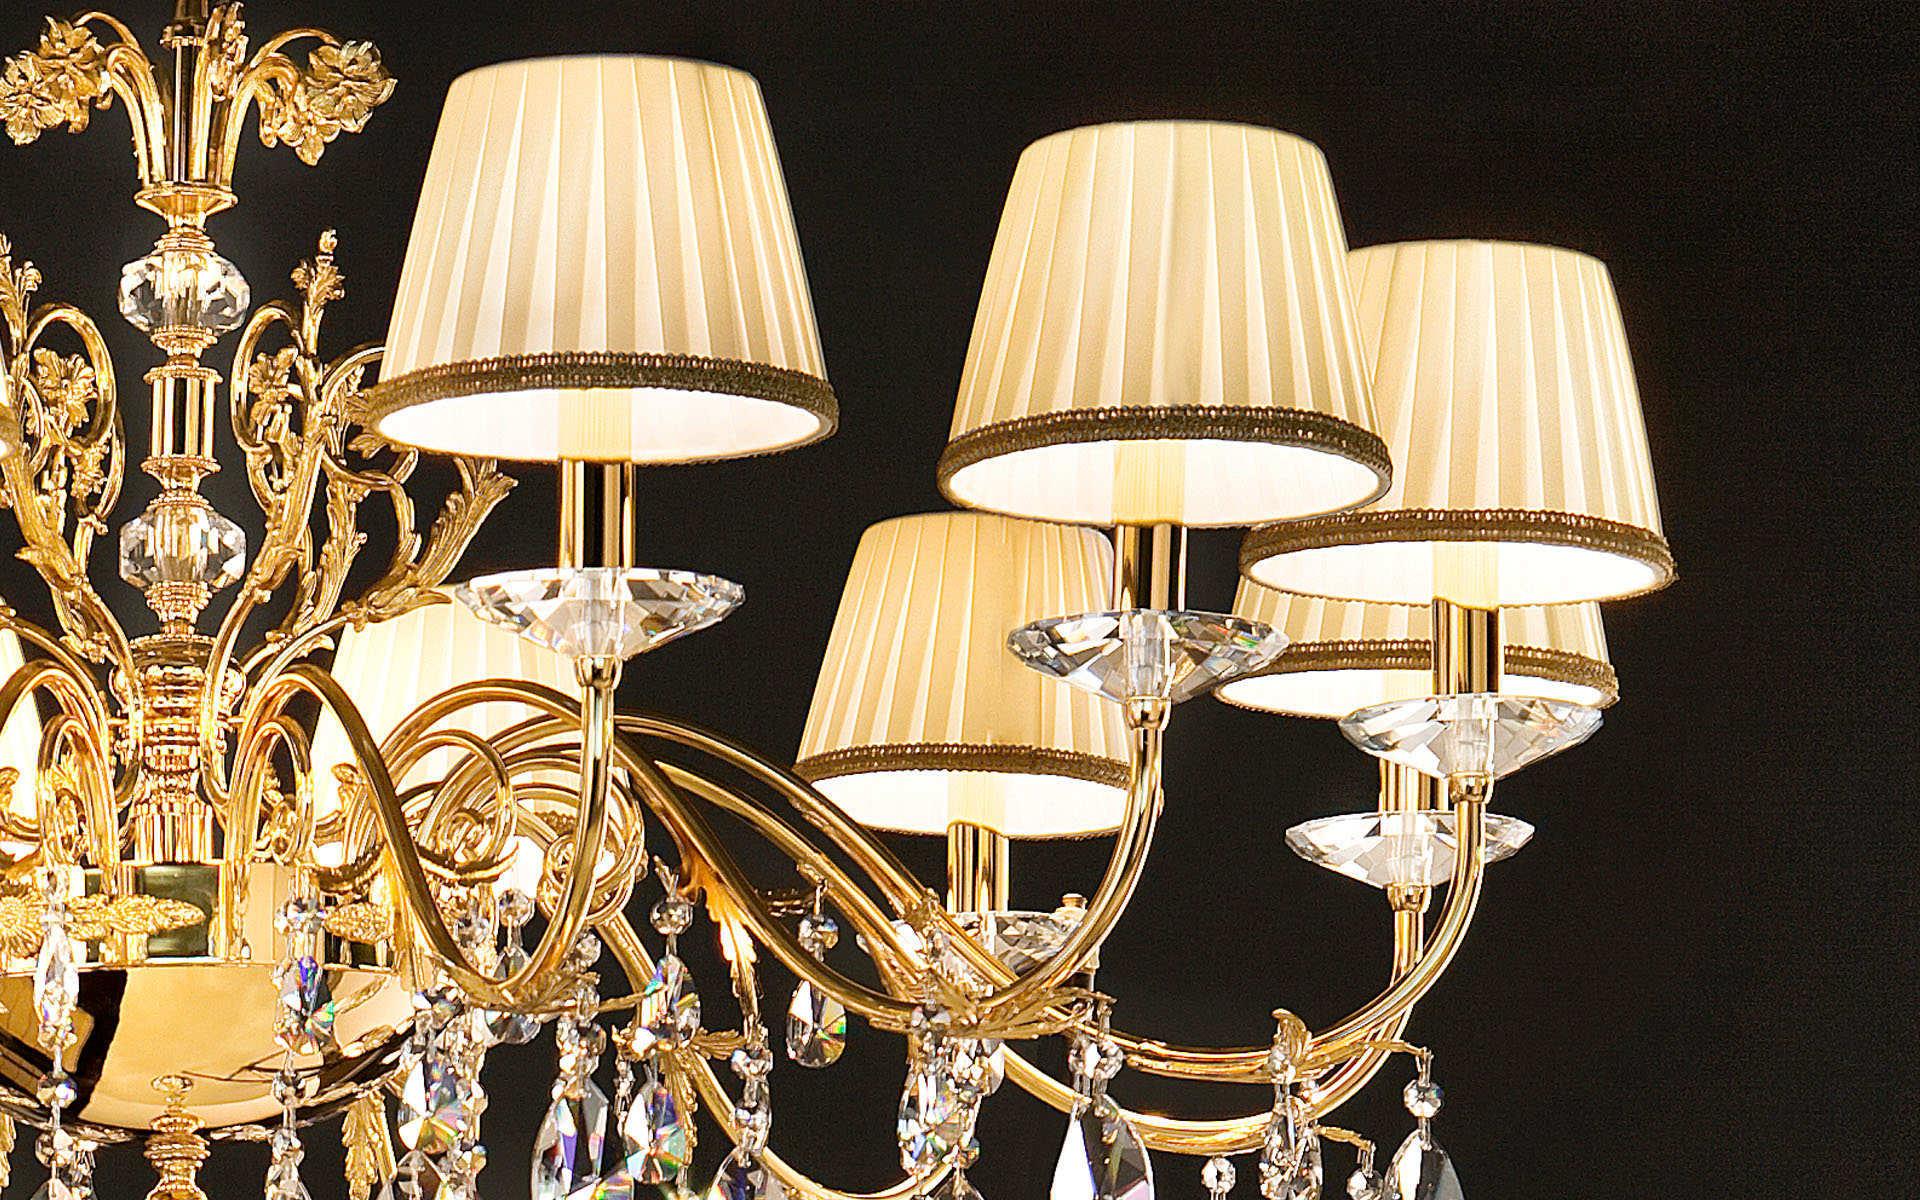 Lampa ekskluzywna z serii Primadonna producenta ekskluzywnego oświetlenia z Włoch, firmy Masiero